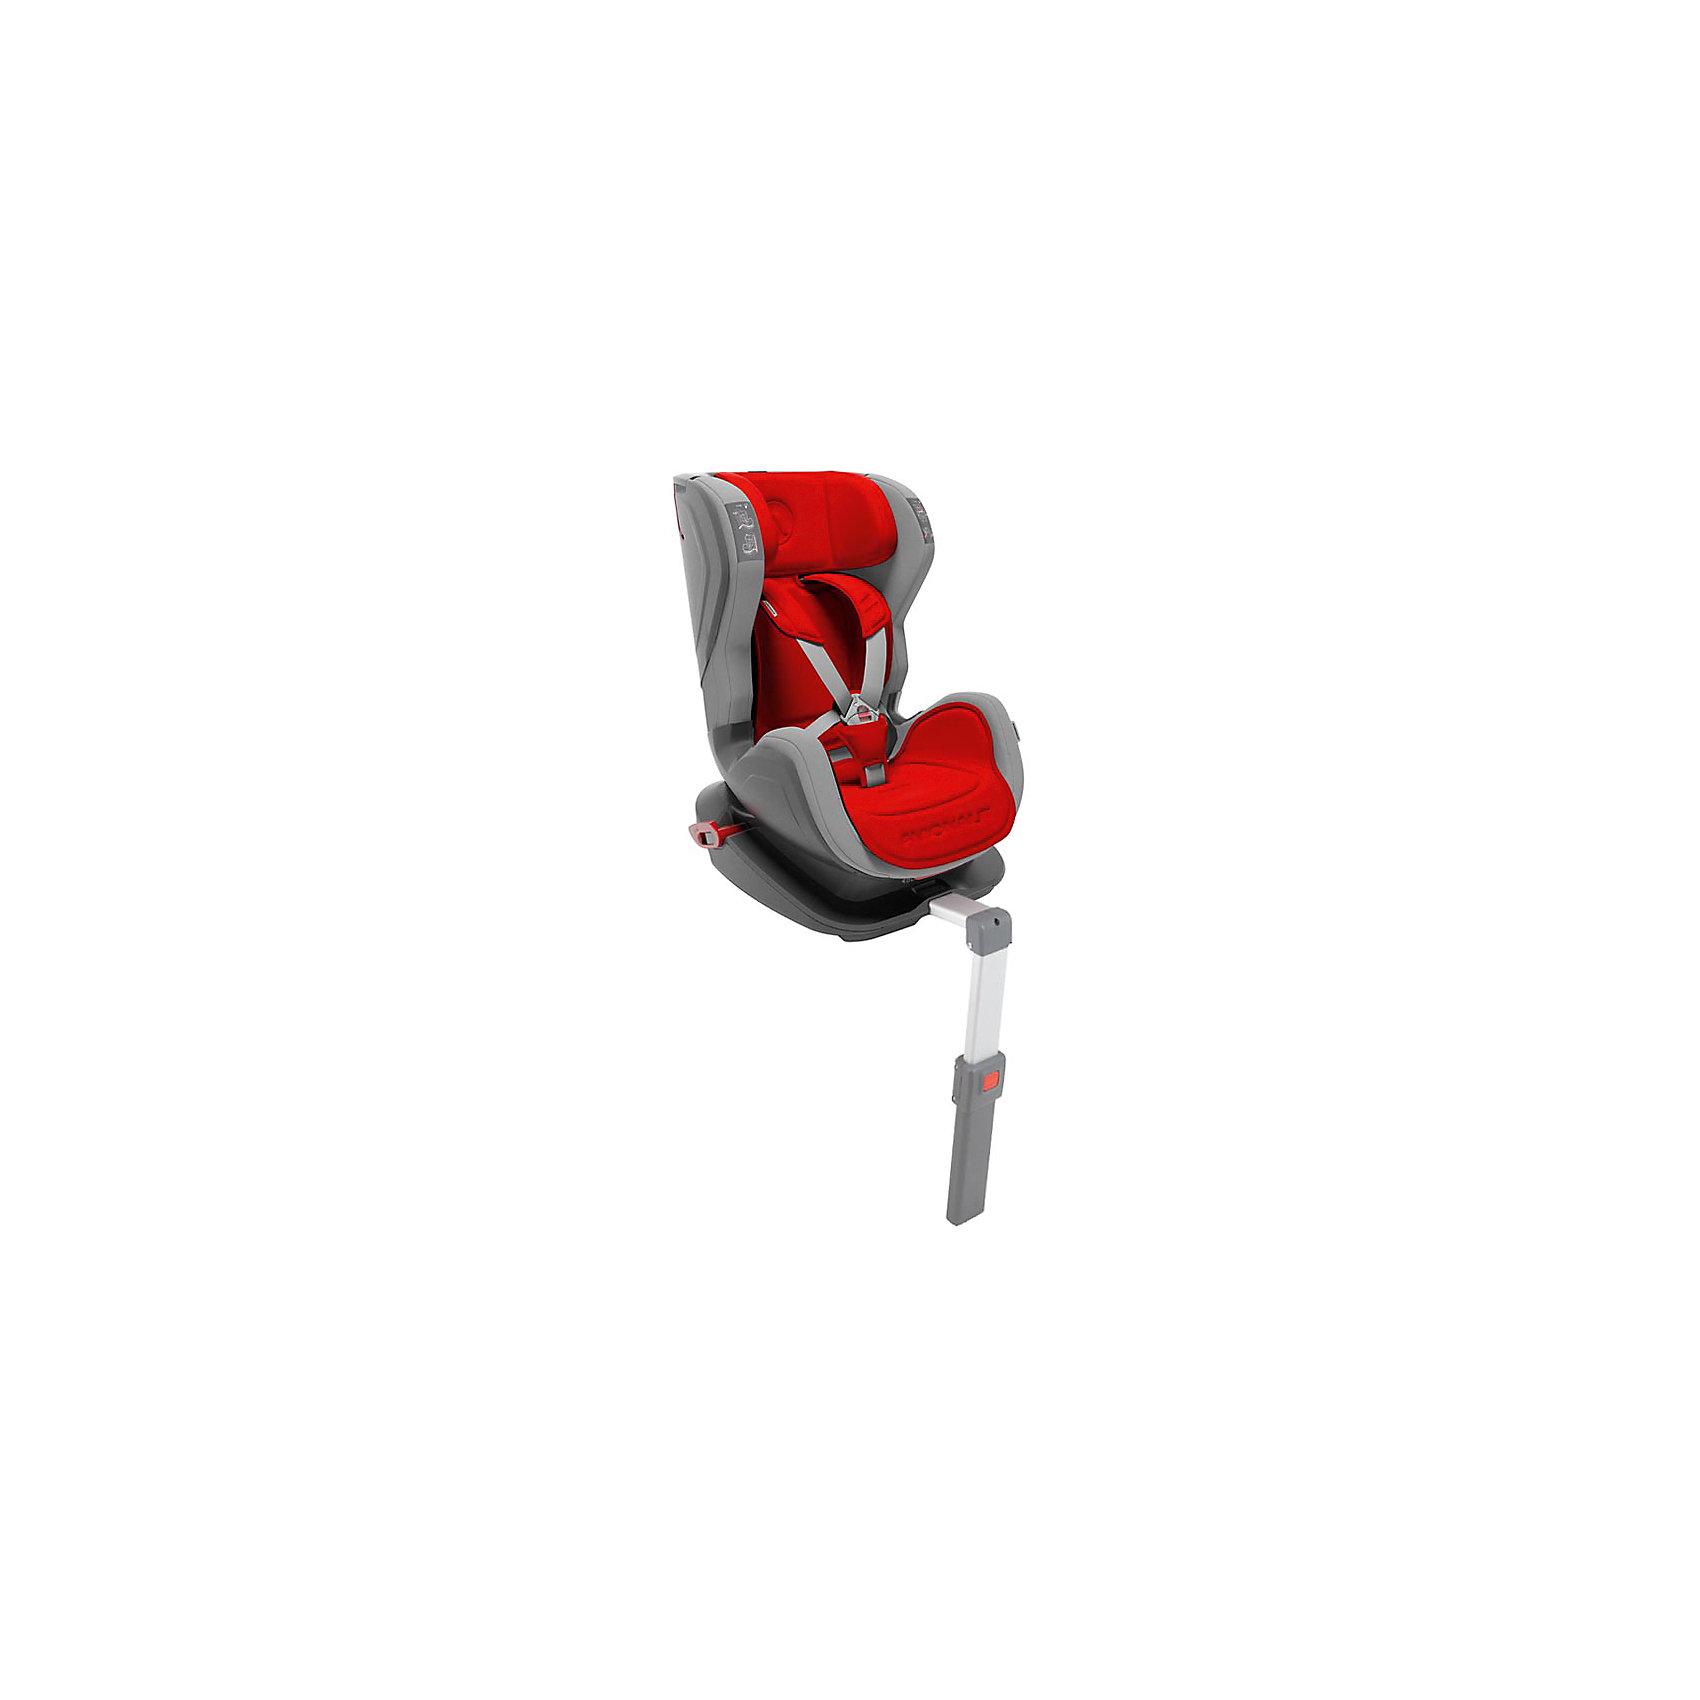 Автокресло Avionaut GLIDER isofix 9-25 кг, красный/серыйГруппа 1-2 (От 9 до 25 кг)<br>Автокресло выделяется ярким дизайном, а так же высоким уровнем комфорта и безопасности, что самое важное для малыша! Удобный регулируемый подголовник выполнен из пенопропилена -  это экологически безопасный материал, оказывающий амортизирующее и энергогасящее действие. Наклон легко регулируется с помощью специального красного рычага. Боковые крылья и высокие подлокотники обеспечивают надежную защиту тела и головы малыша от ударов сбоку. Чехол детского автокресла с легкостью можно снять для стирки, так же, при желании цветную вставку можно снять и заменить на другую.<br><br>Характеристики:<br>- Группа: 1-2 ( от 9 до 25кг).<br>- 5-ти точечная система ремней безопасности.<br>- Усиленные боковины для большей безопасности.<br>- Регулируемый угол наклона сиденья.<br>- Аварийные натяжители ремней безопасности для лучшей стабилизации сиденья в автомобиле.<br>- Съемные чехлы на сиденье.<br>- Регулируемая высота подголовника.<br>- Легко крепится в салоне автомобиля.<br>- Съемные вкладыши - позволяют изменить цвет автокресла.<br>- Вид крепления: система IZOFIX.<br>- Способ установки: на заднем сиденье лицом по ходу движения.<br>- Вид крепления: штатным ремнем автомобиля или Isofix.<br><br>Дополнительная информация:<br><br>- Возраст: от 9 месяцев до 7 лет.<br>- Материал: пластик, текстиль.<br>- Цвет: красный/серый.<br>- Размер упаковки: 44x66x53 см.<br>- Вес в упаковке: 12.5 кг.<br><br>Купить автокресло GLIDER Avionaut ISOFIX в цвете красный/серый, можно в нашем магазине.<br><br>Ширина мм: 440<br>Глубина мм: 660<br>Высота мм: 530<br>Вес г: 12500<br>Возраст от месяцев: 12<br>Возраст до месяцев: 84<br>Пол: Унисекс<br>Возраст: Детский<br>SKU: 4828296